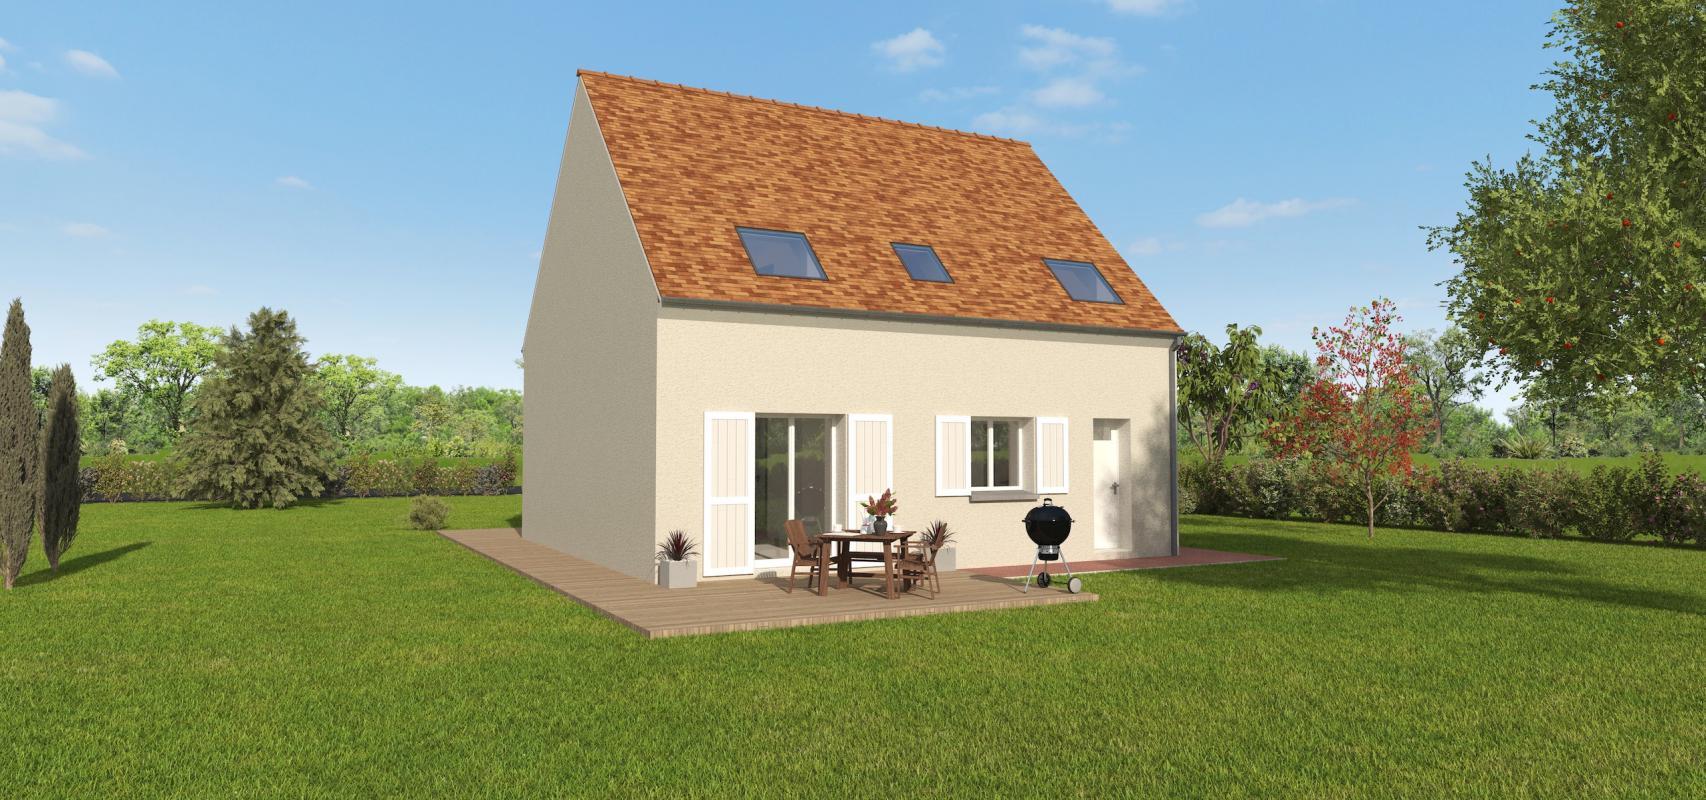 Maisons + Terrains du constructeur GROUPE DIOGO FERNANDES • 95 m² • HOUVILLE LA BRANCHE